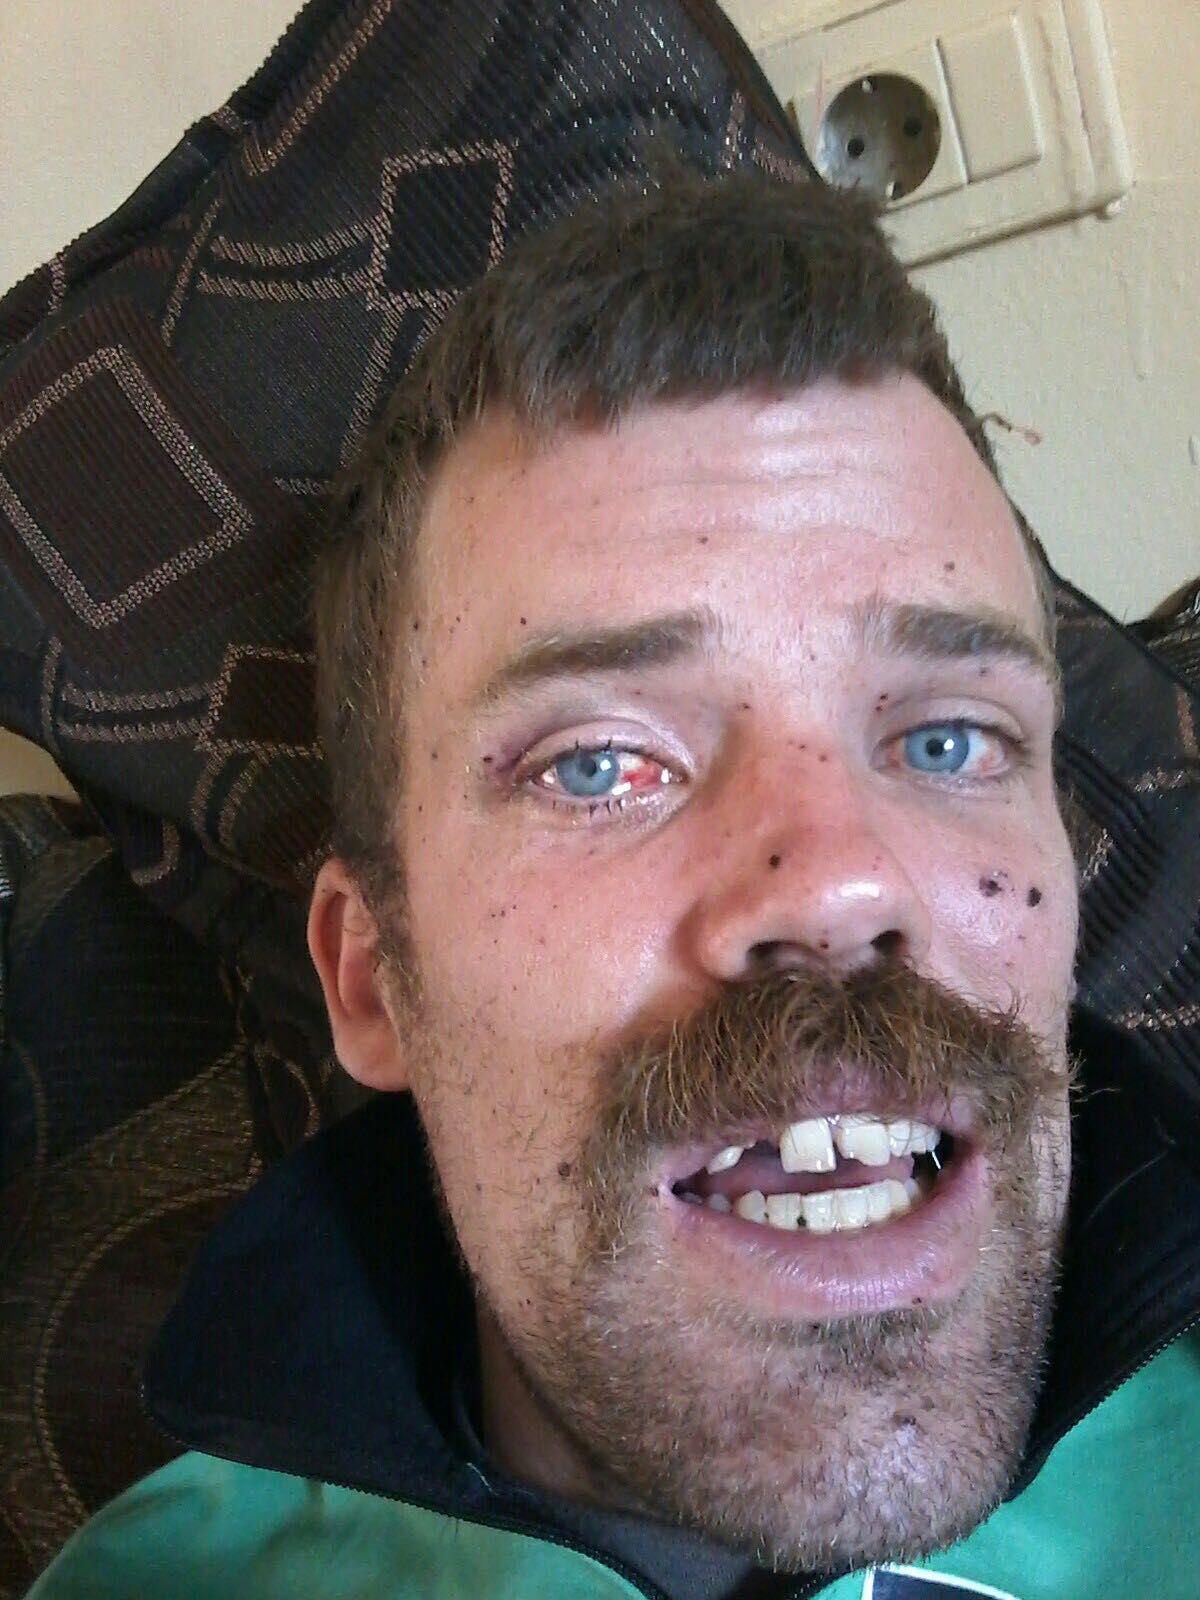 BLINDET: Splinter fra eksplosjonen førte til at Gulbrandsen blind på det høyre øyet og mistet en tann. Bildet er tatt kort tid etter angrepet.